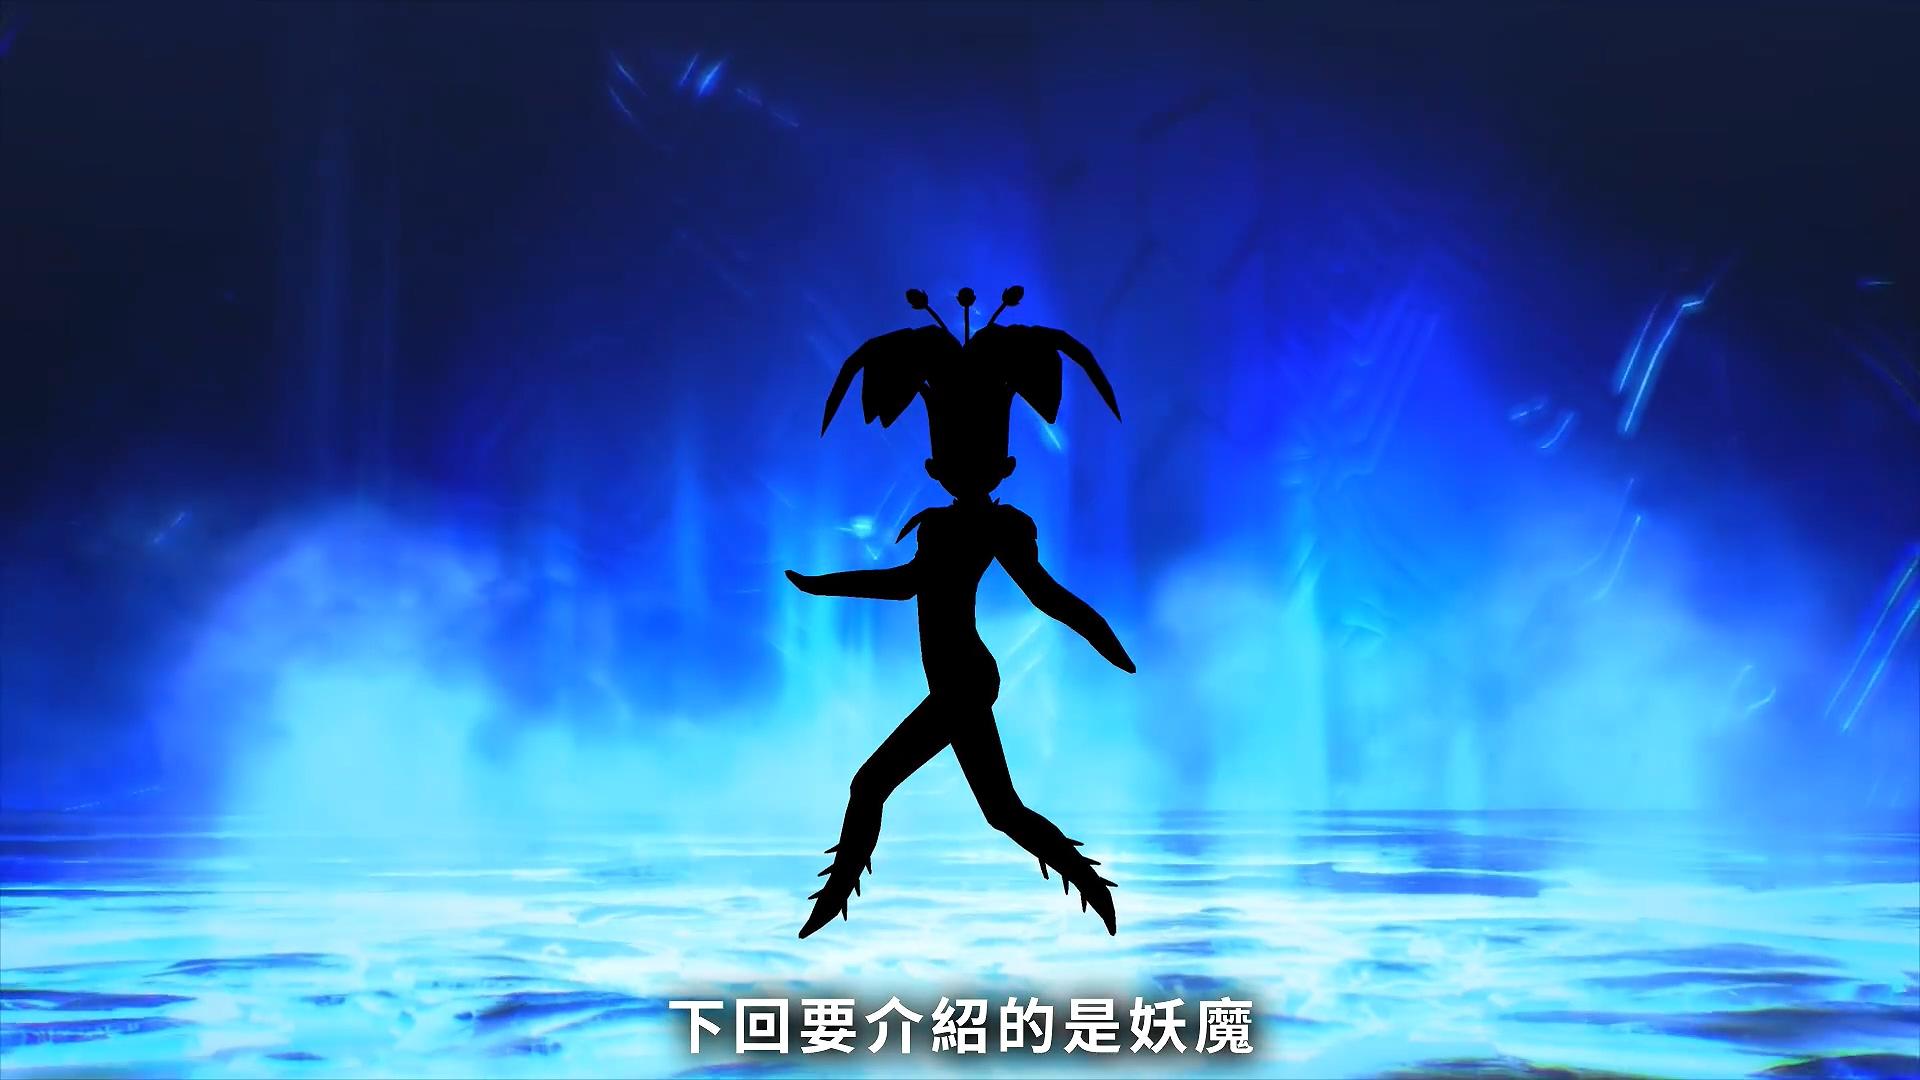 《真女神转生5》每日恶魔介绍:受到畏惧的美人鱼